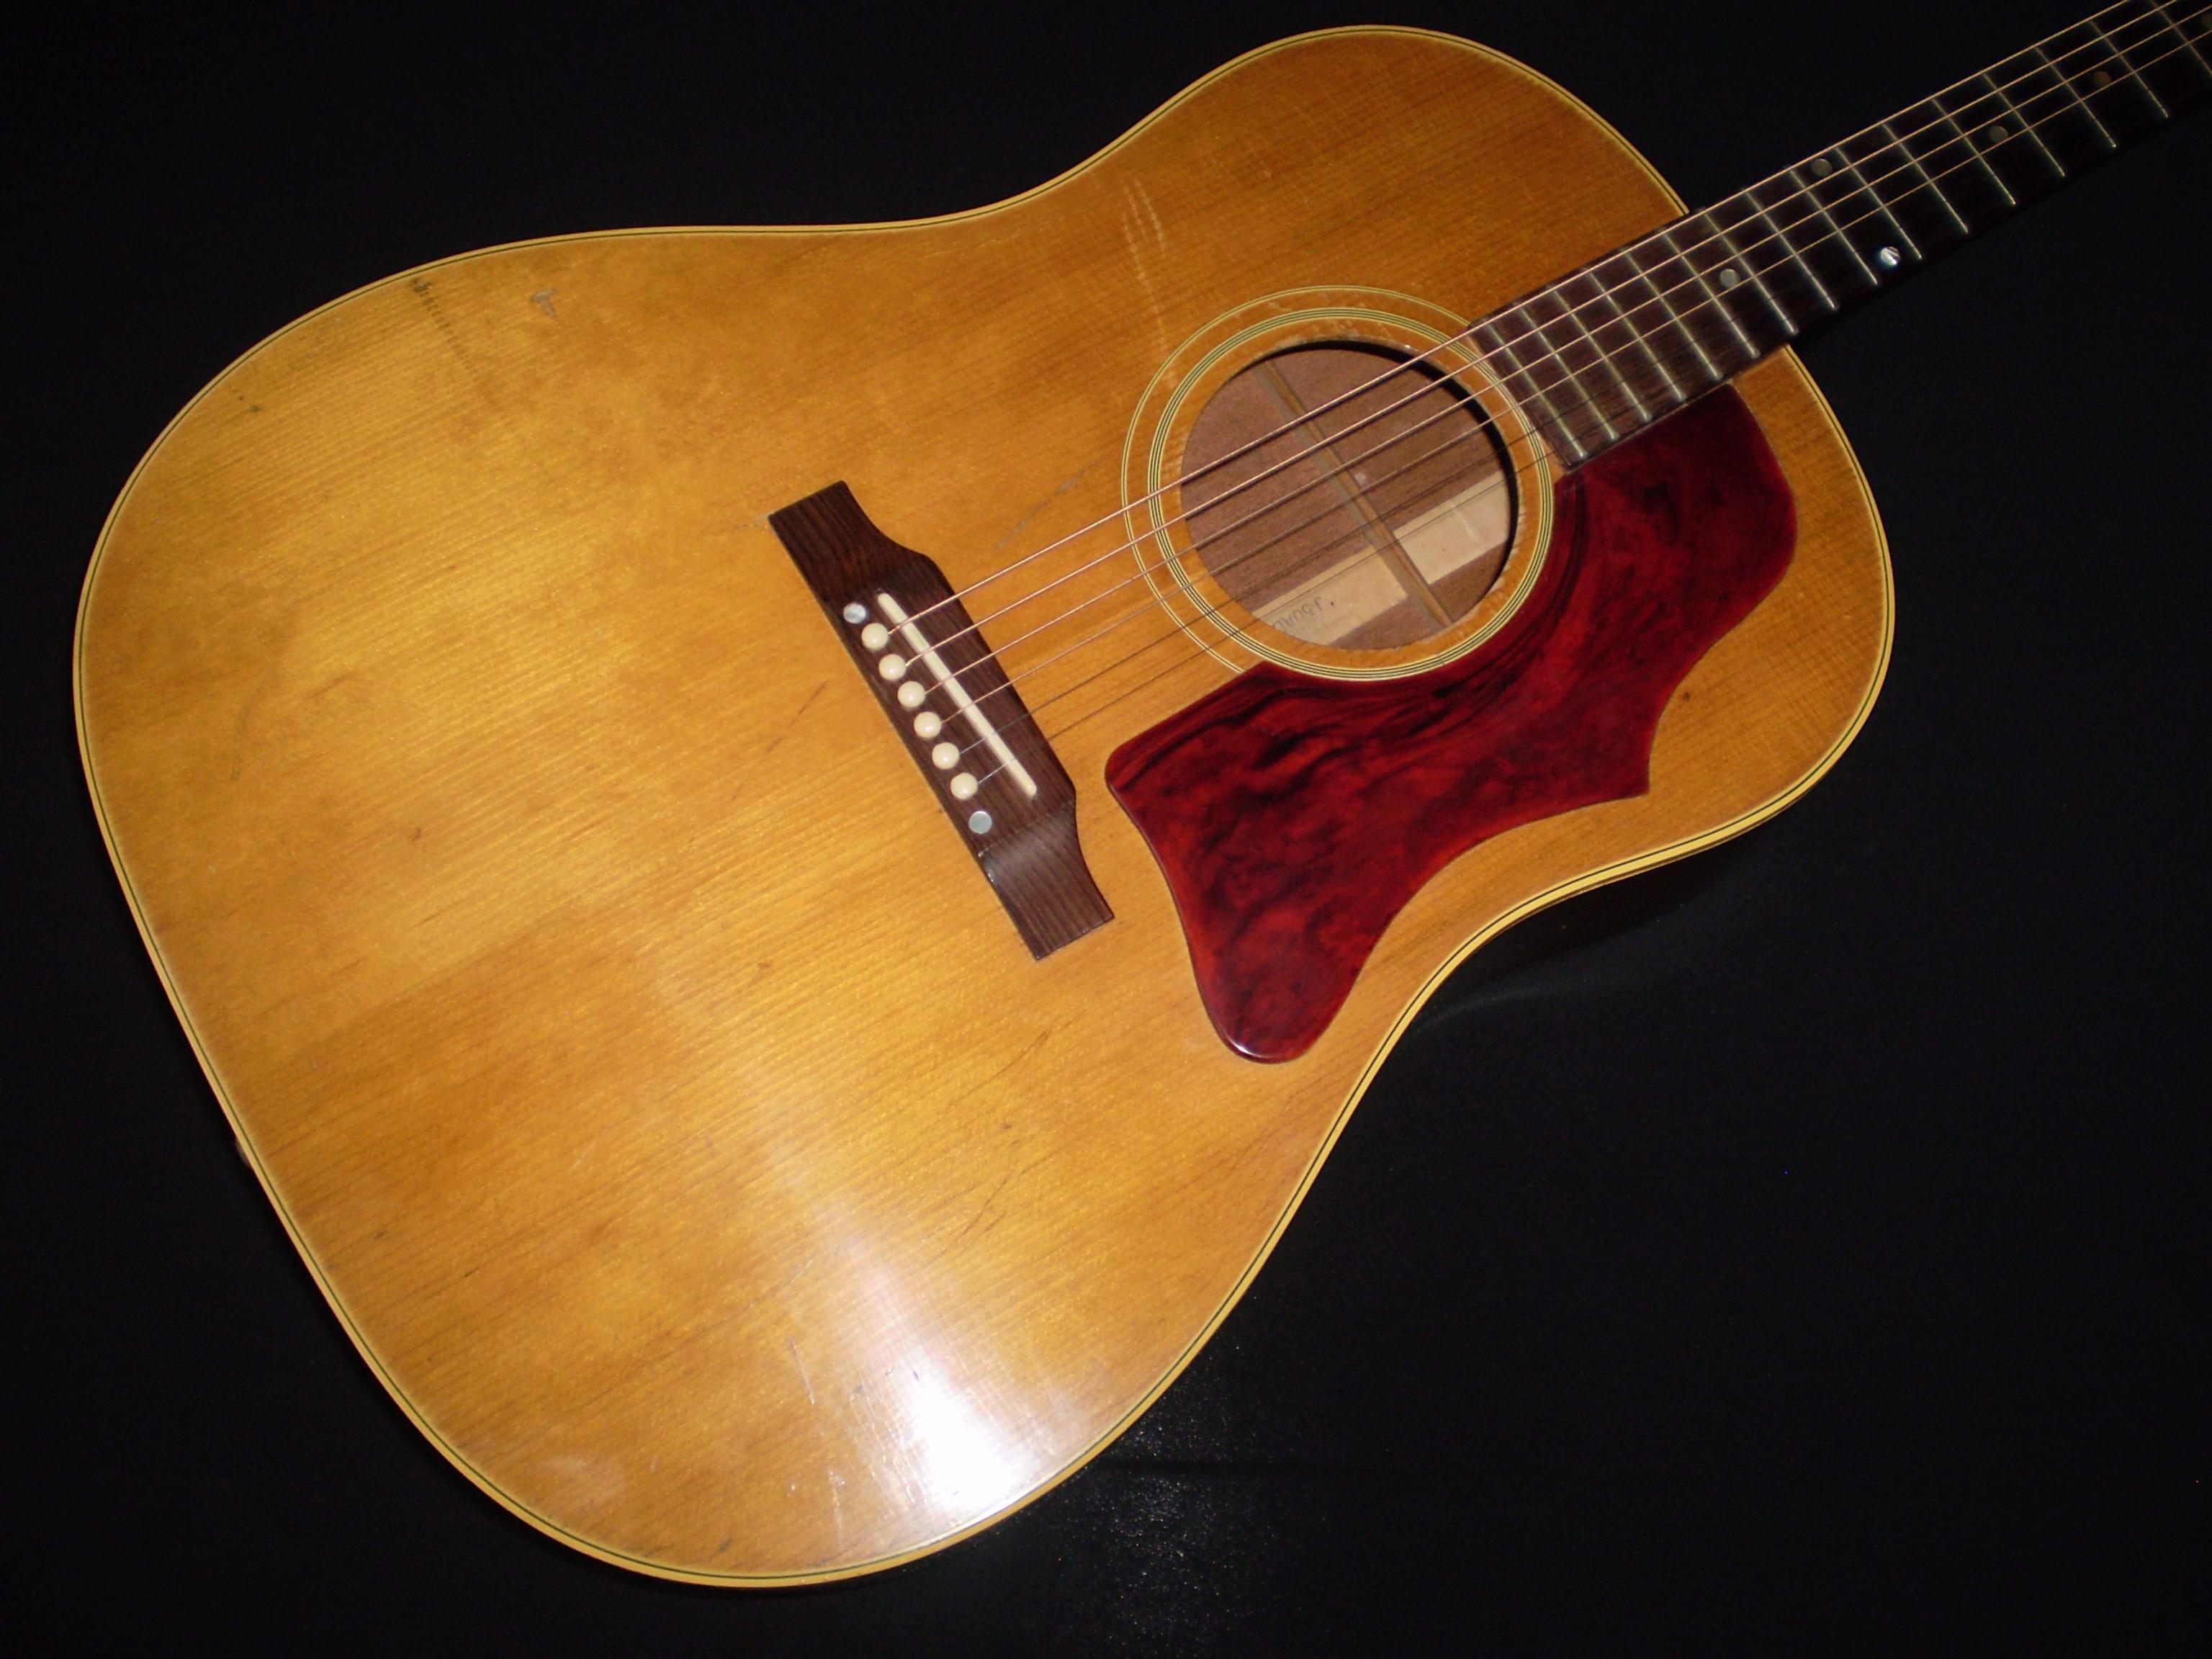 gibson j50 1966 natural guitar for sale glenns guitars. Black Bedroom Furniture Sets. Home Design Ideas